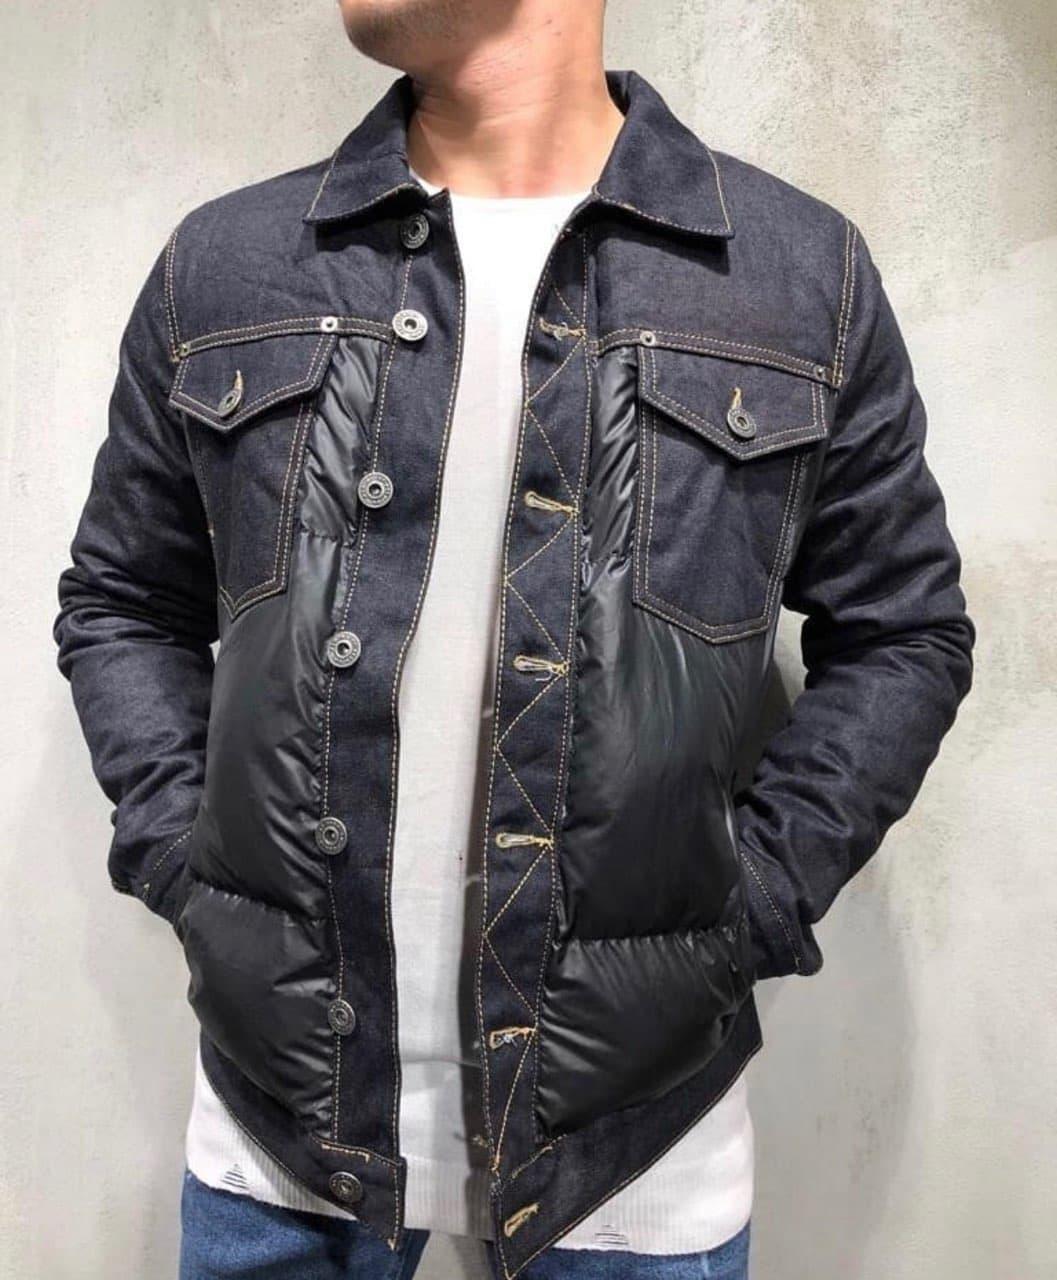 Чоловіча джинсова куртка утеплена на синтепоні чорна   Стильна тепла джинсовці осінь весна